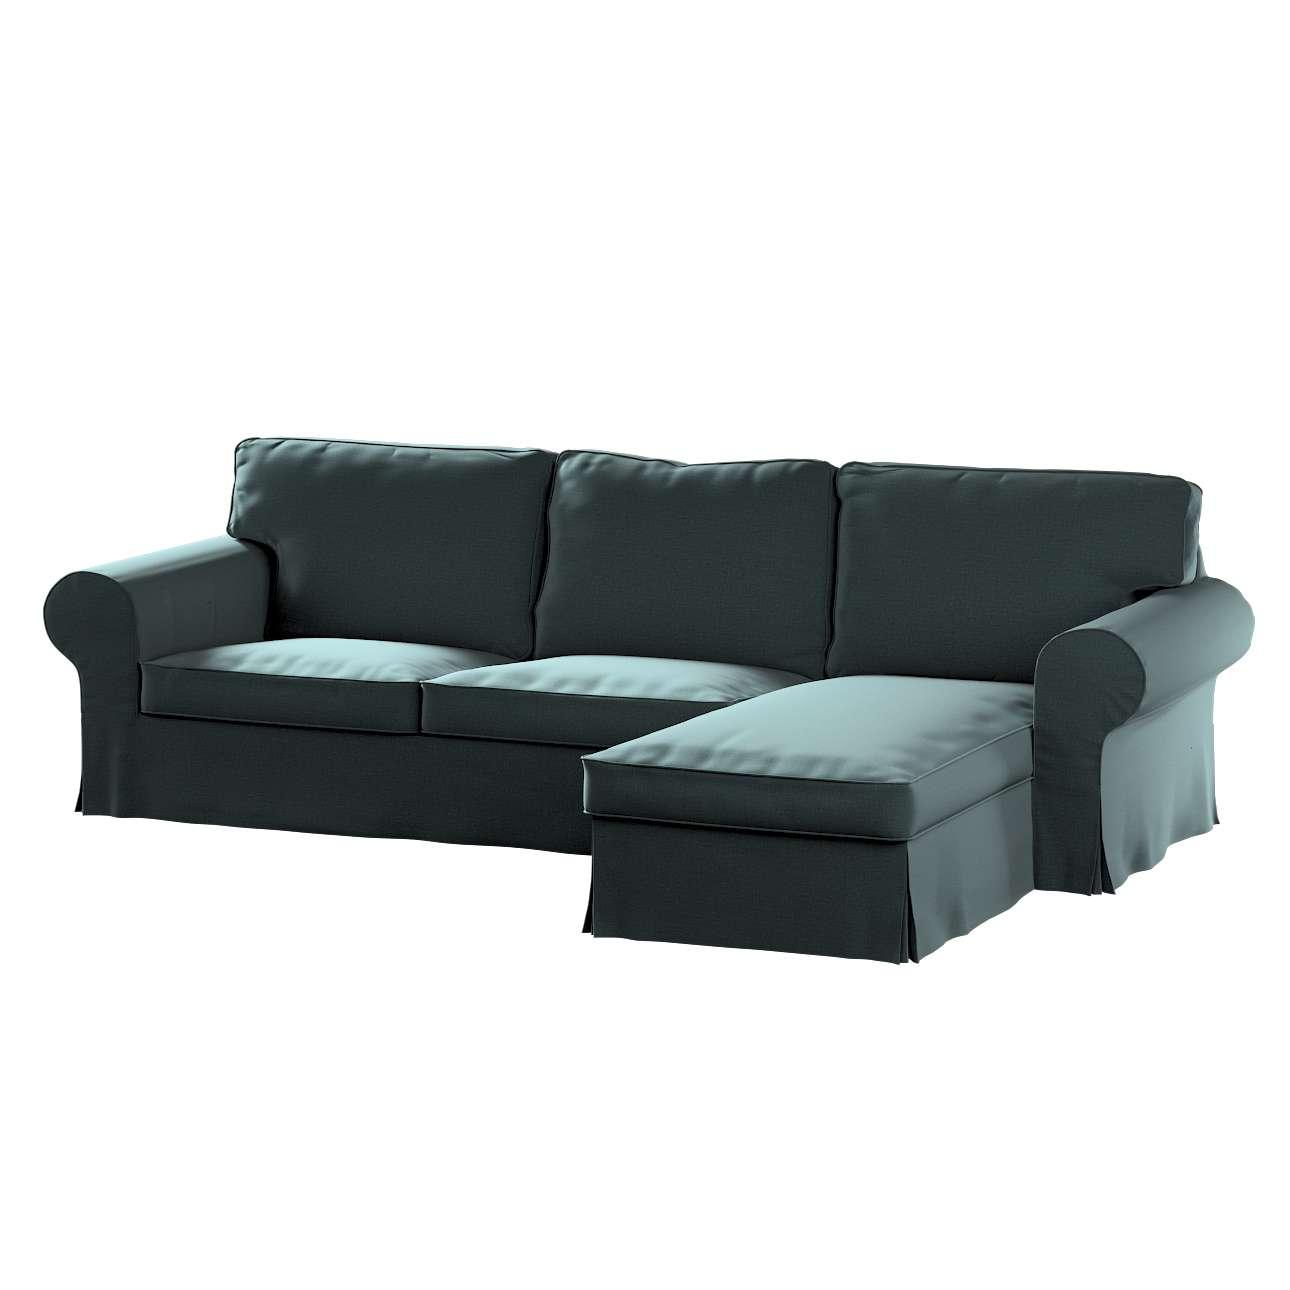 Pokrowiec na sofę Ektorp 2-osobową i leżankę w kolekcji Ingrid, tkanina: 705-36